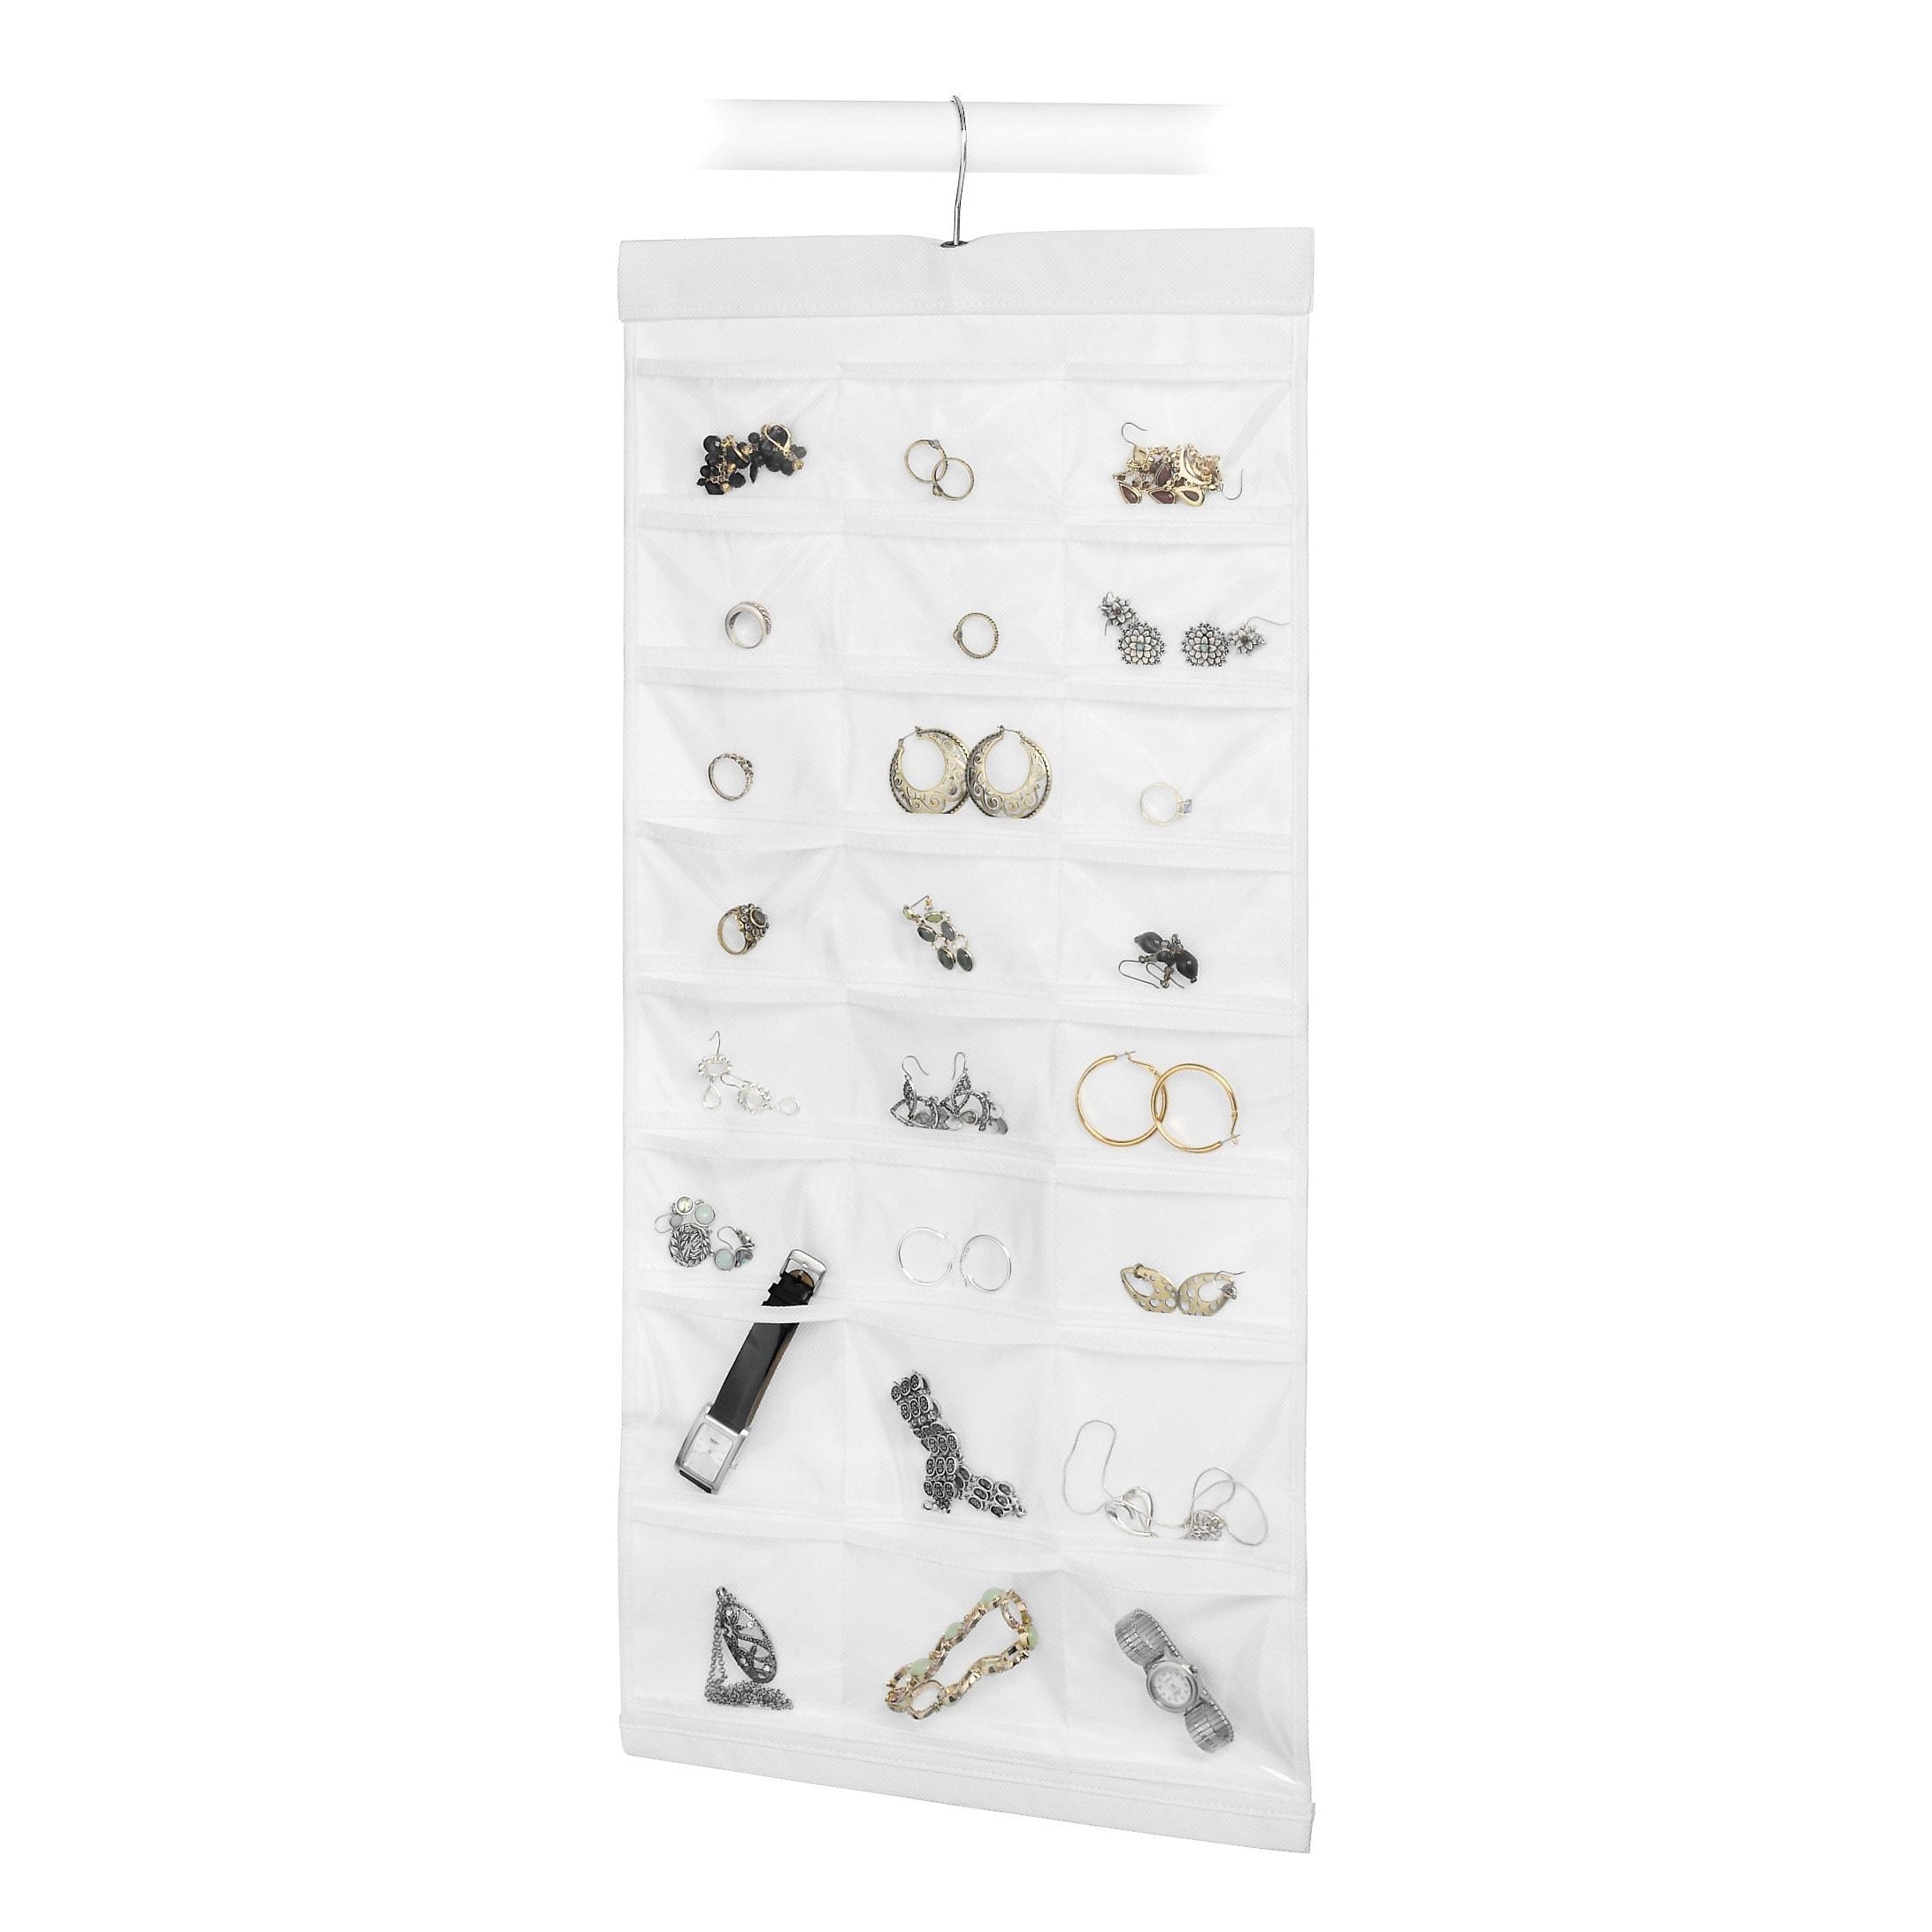 Whitmor Mfg Co White Hanging Jewelry Organizer (Jewelry F...